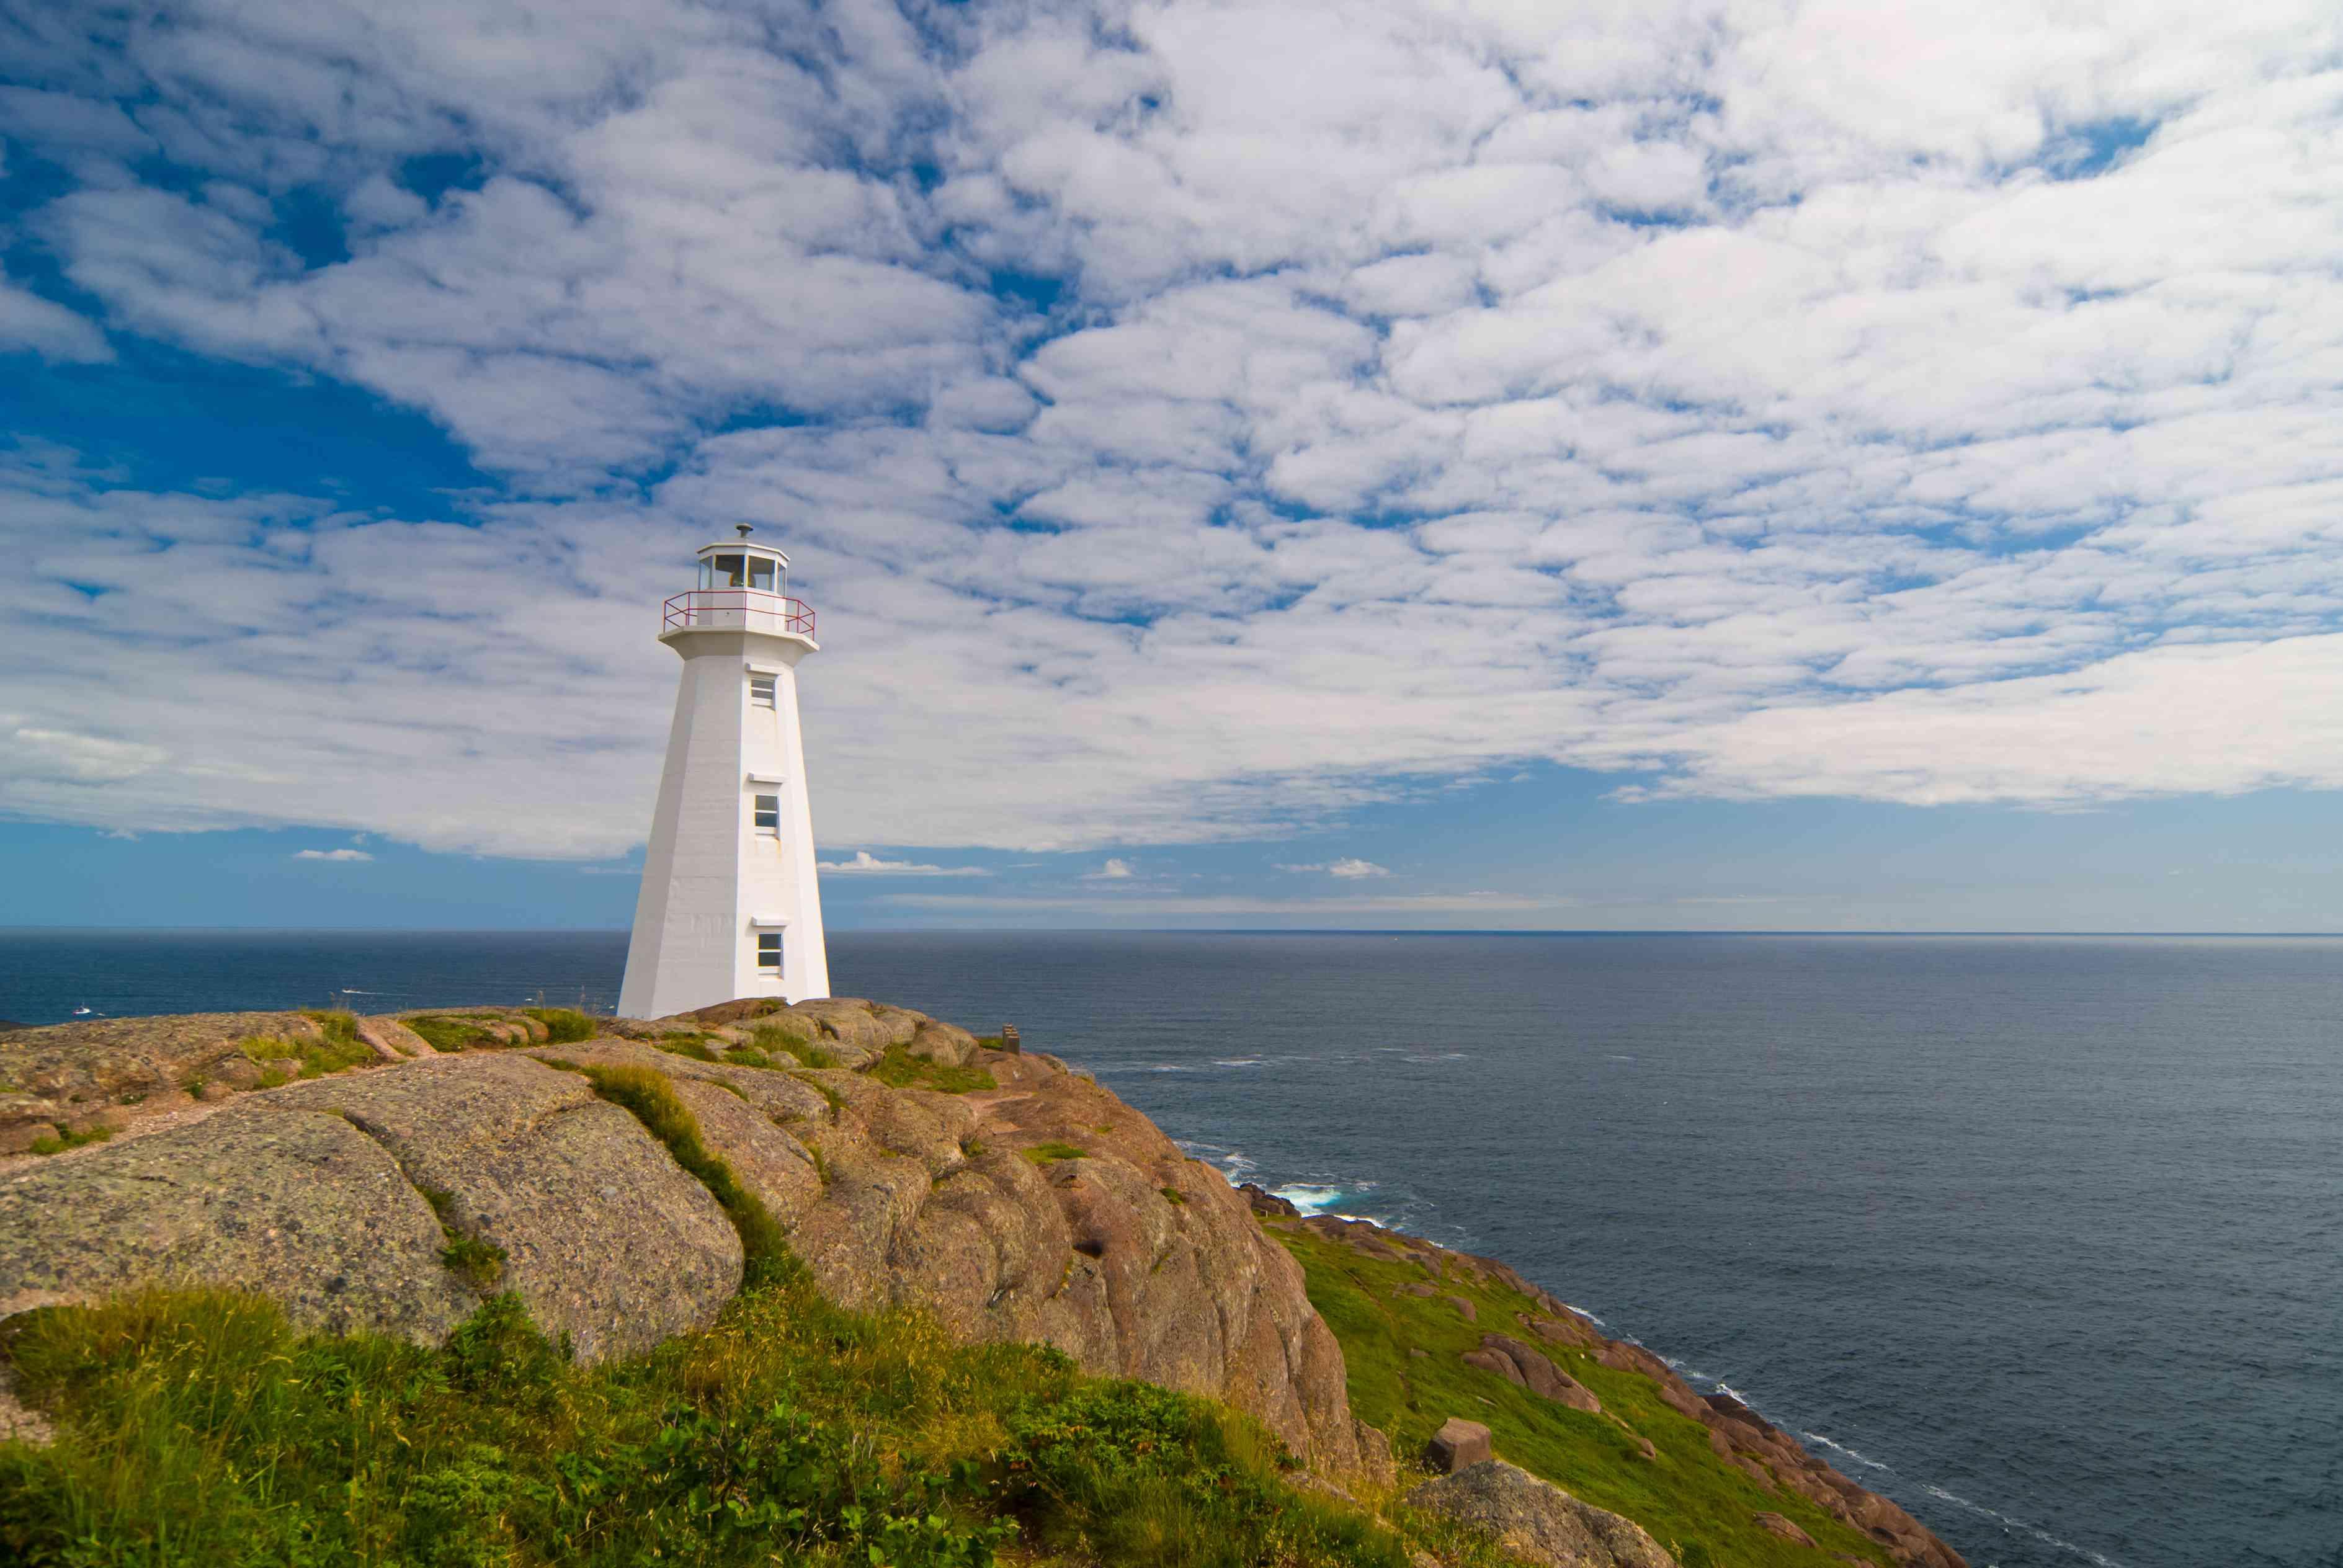 Cape Spear Lighthouse in Saint John's